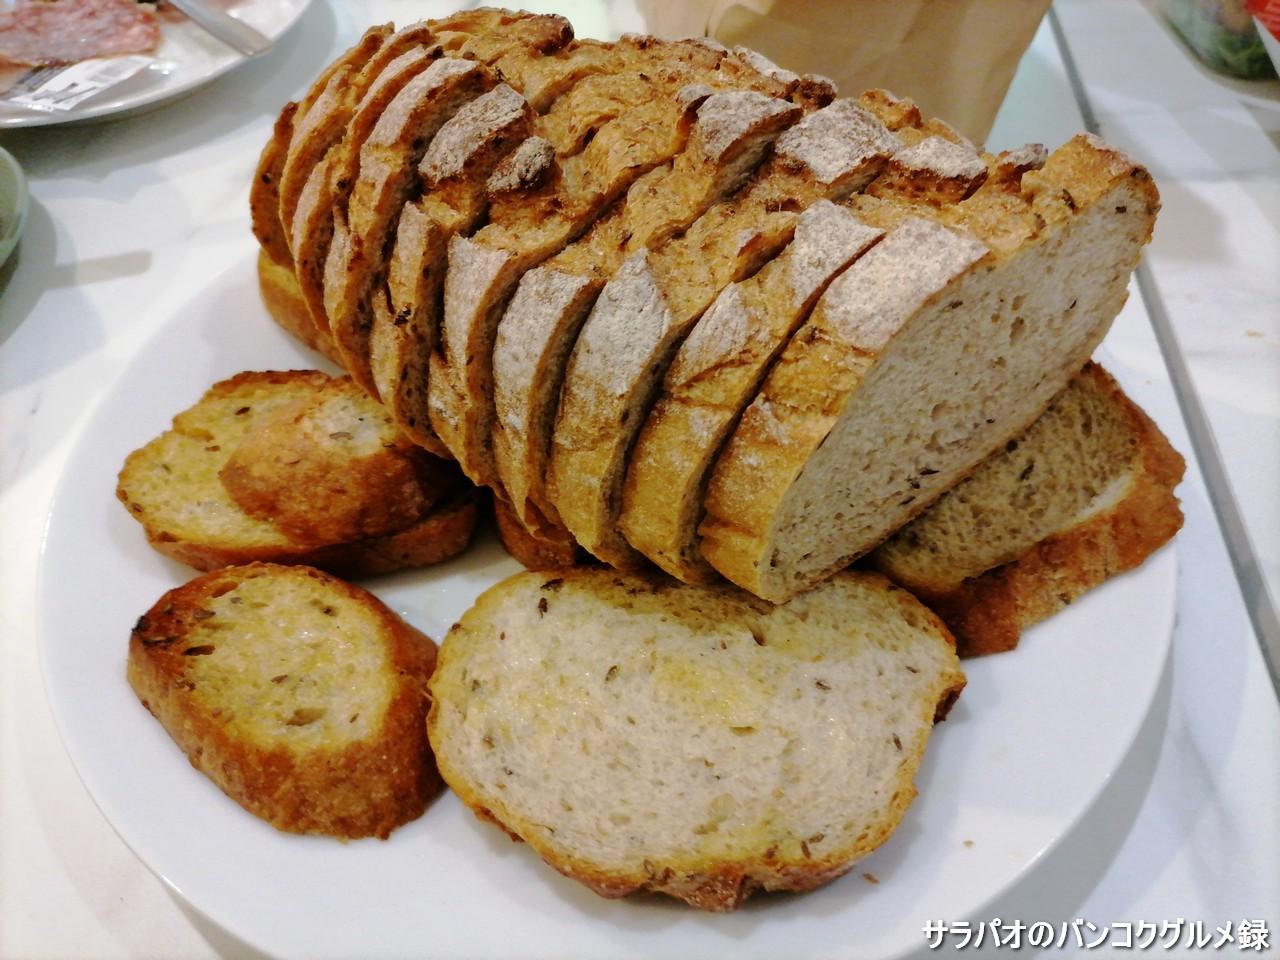 ドンクは日本発の本格派フランスパンベーカリー in チットロム